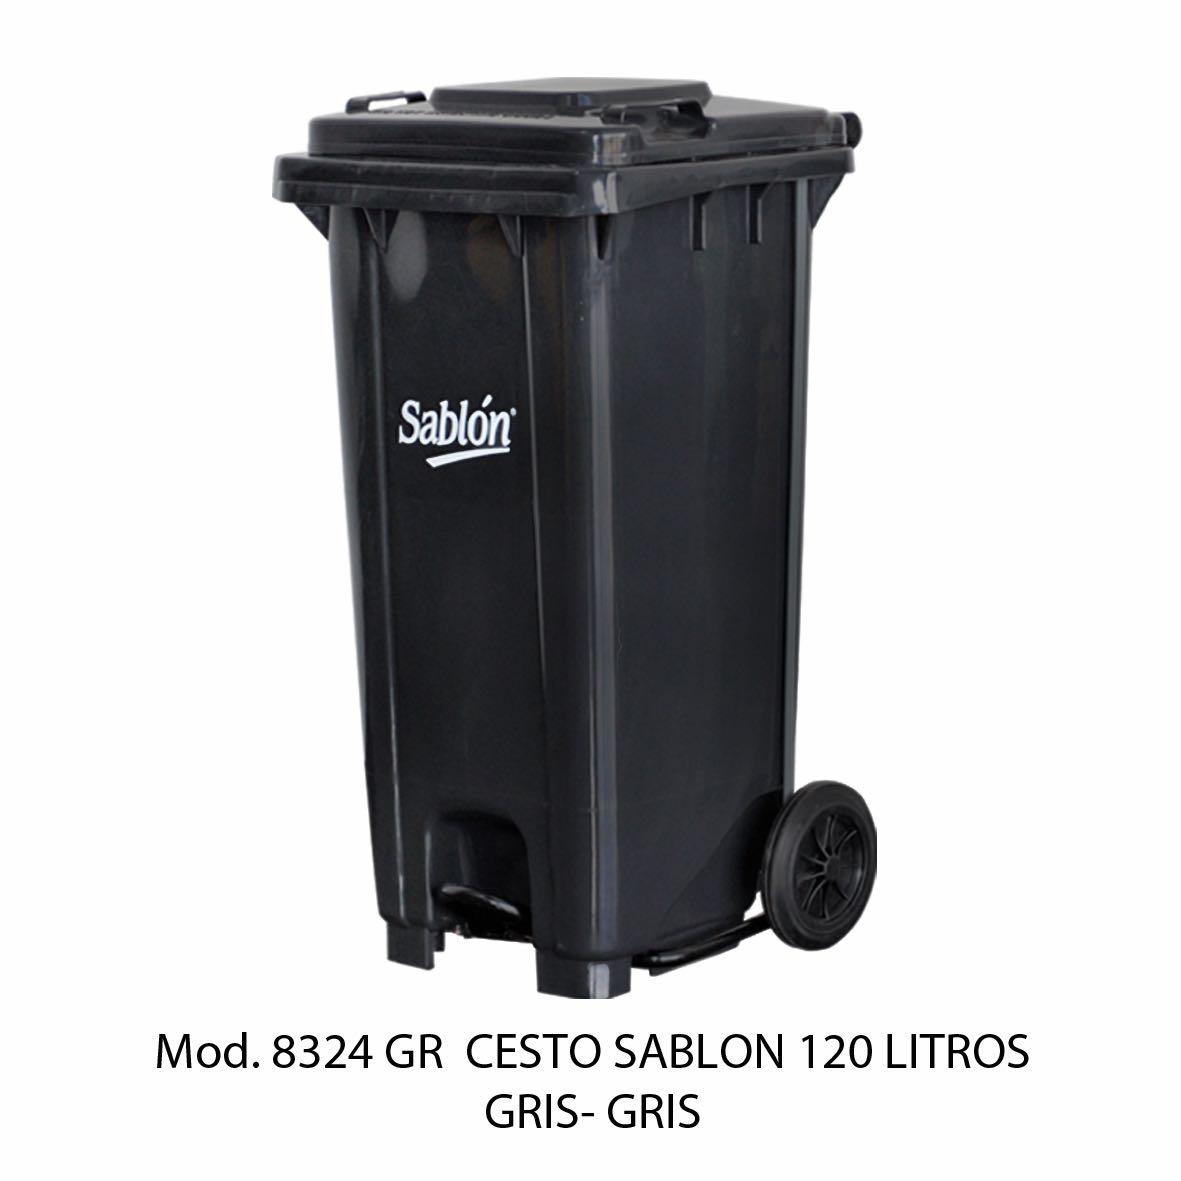 Contenedor para basura de 120 litros cuerpo gris y tapa gris - Modelo 8324 GR - Sablón